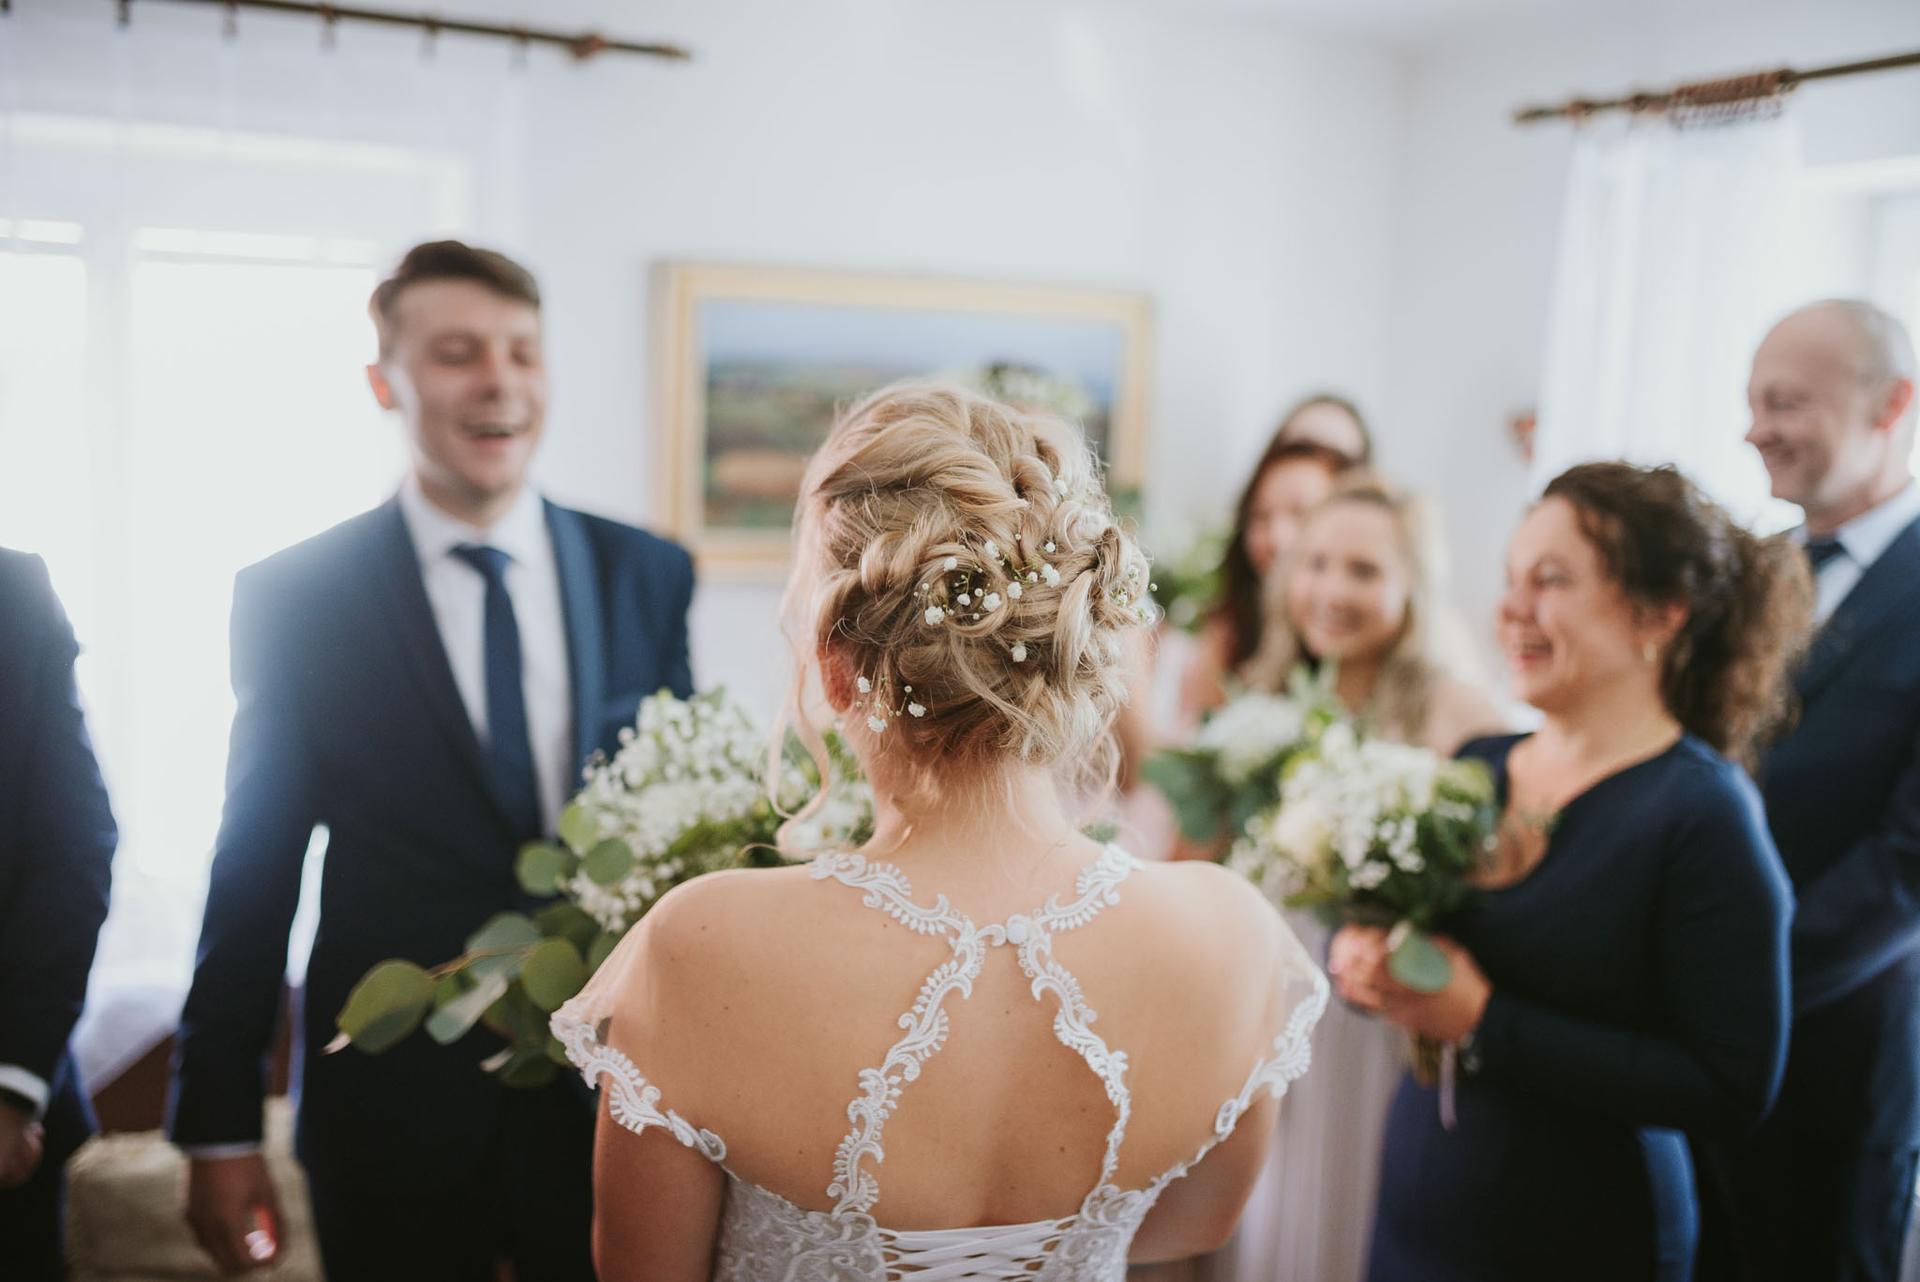 Svatební fotograf Karel Královec - kralovecphoto - Obrázek č. 21